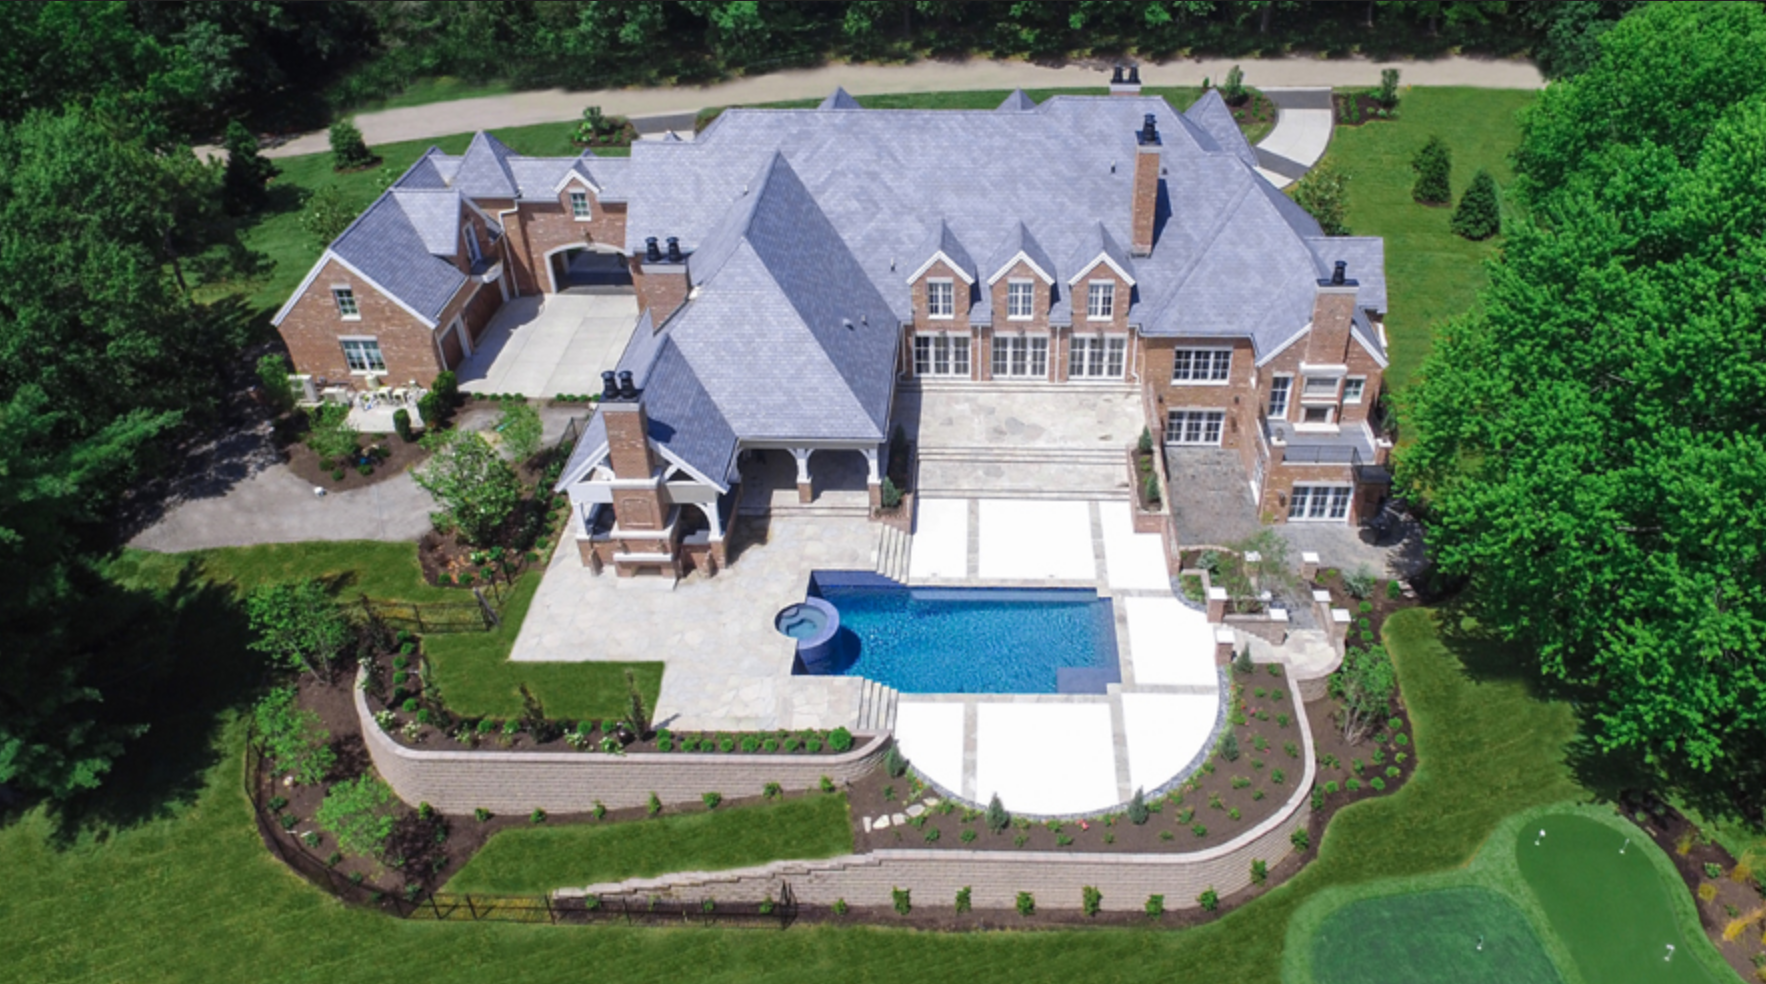 R.E.A. Homes, LLC